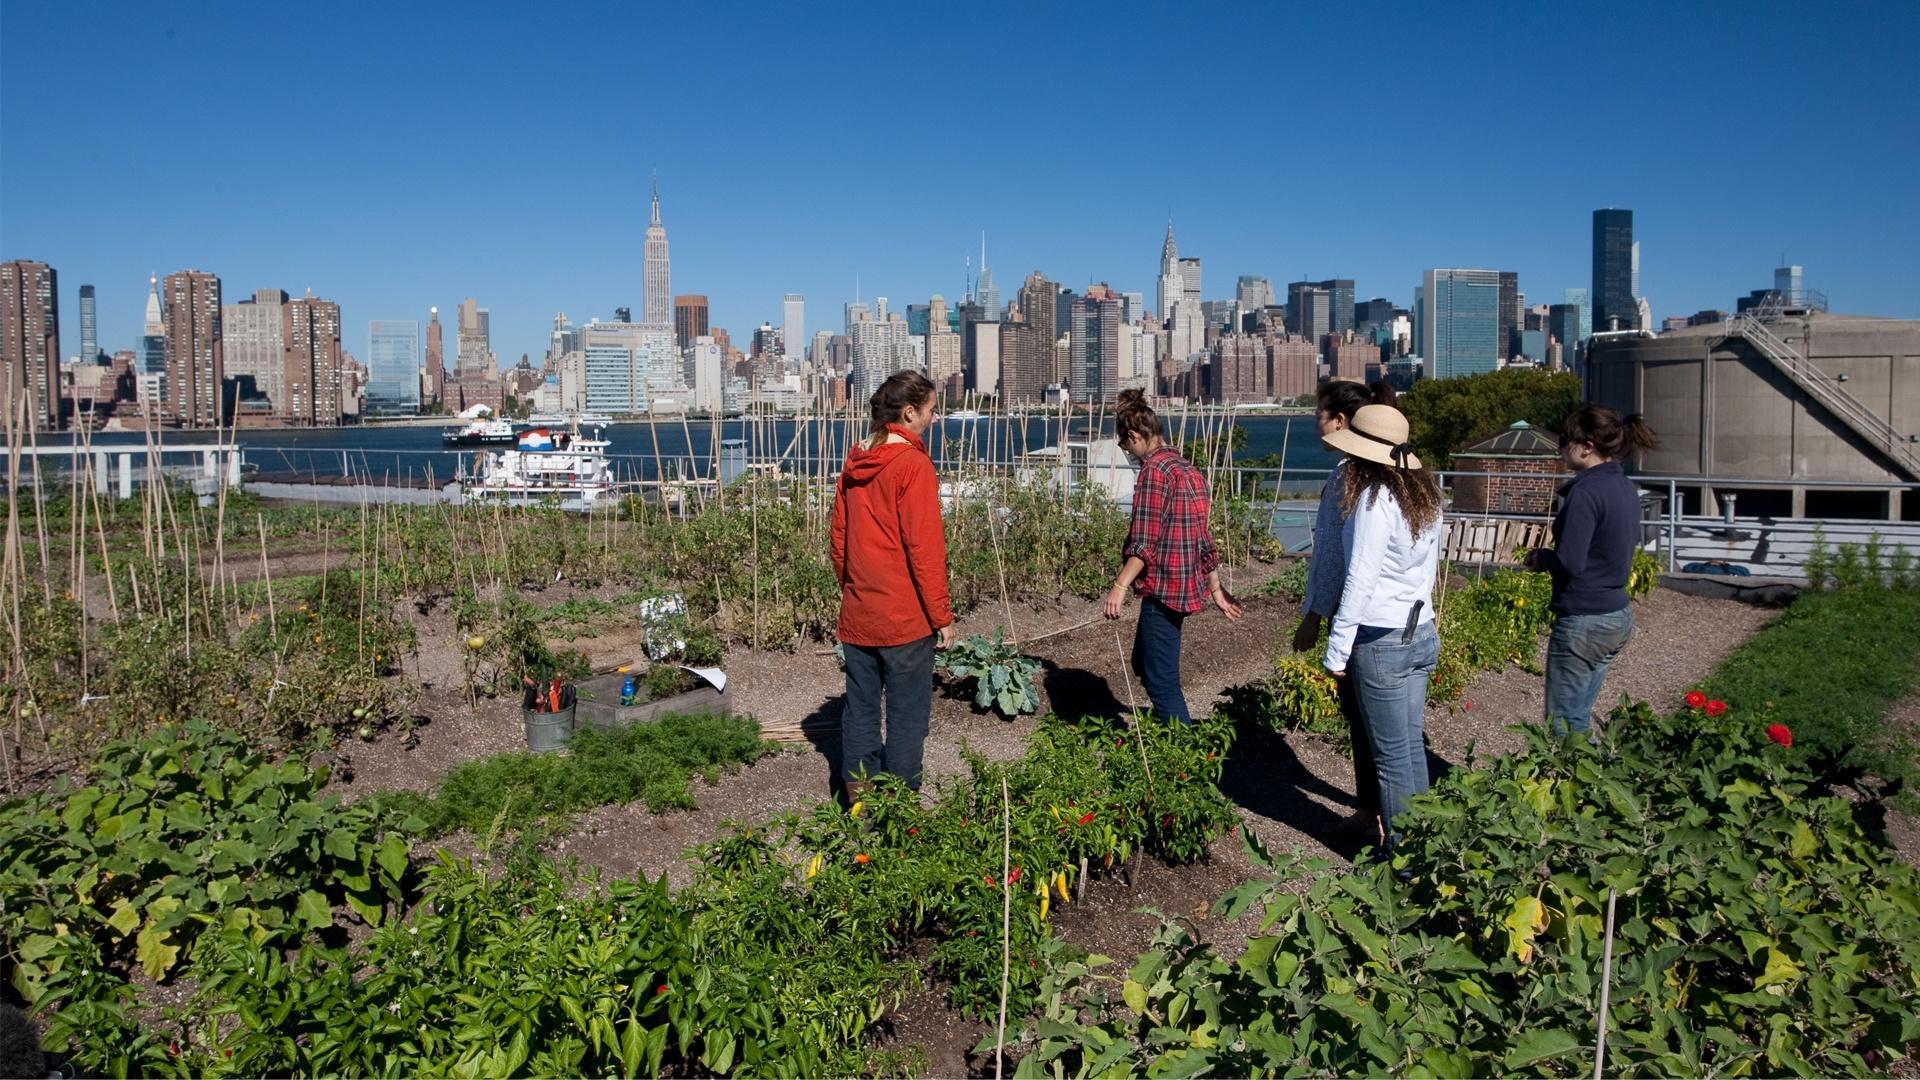 Urban Farming: Bad or Good?